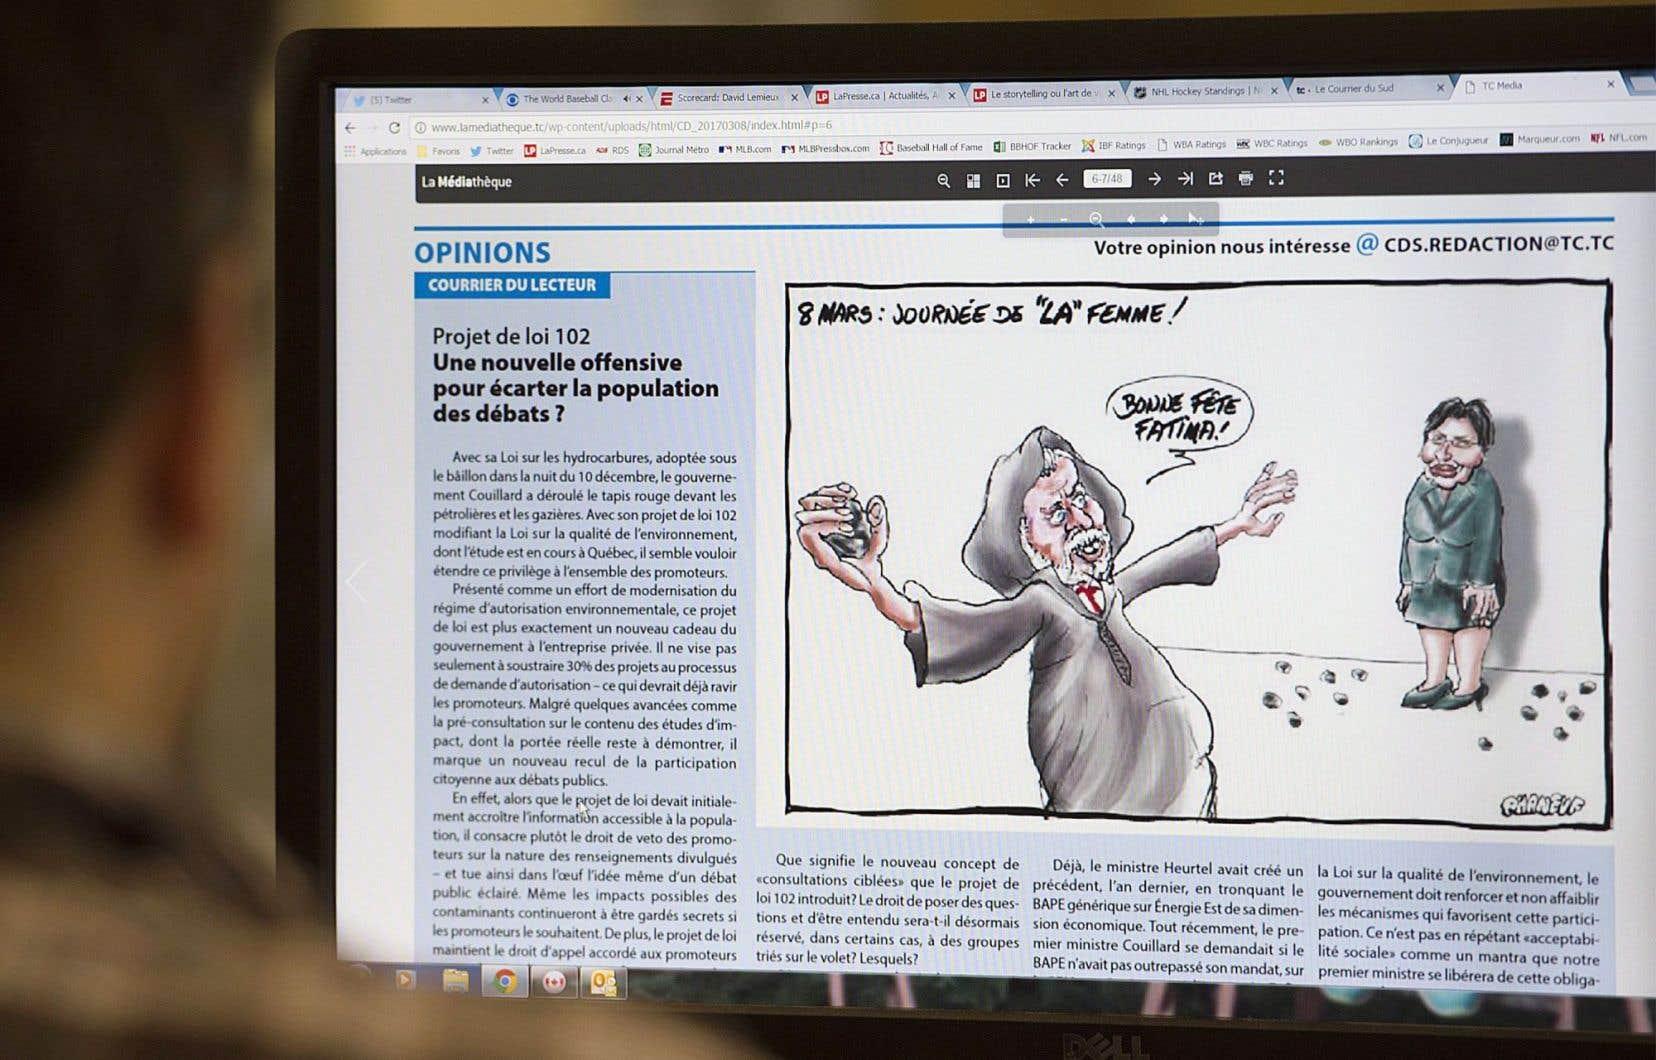 La caricature a été retirée du site Web du «Courrier du Sud», mais 130000 exemplaires papier du journal ont été distribués.